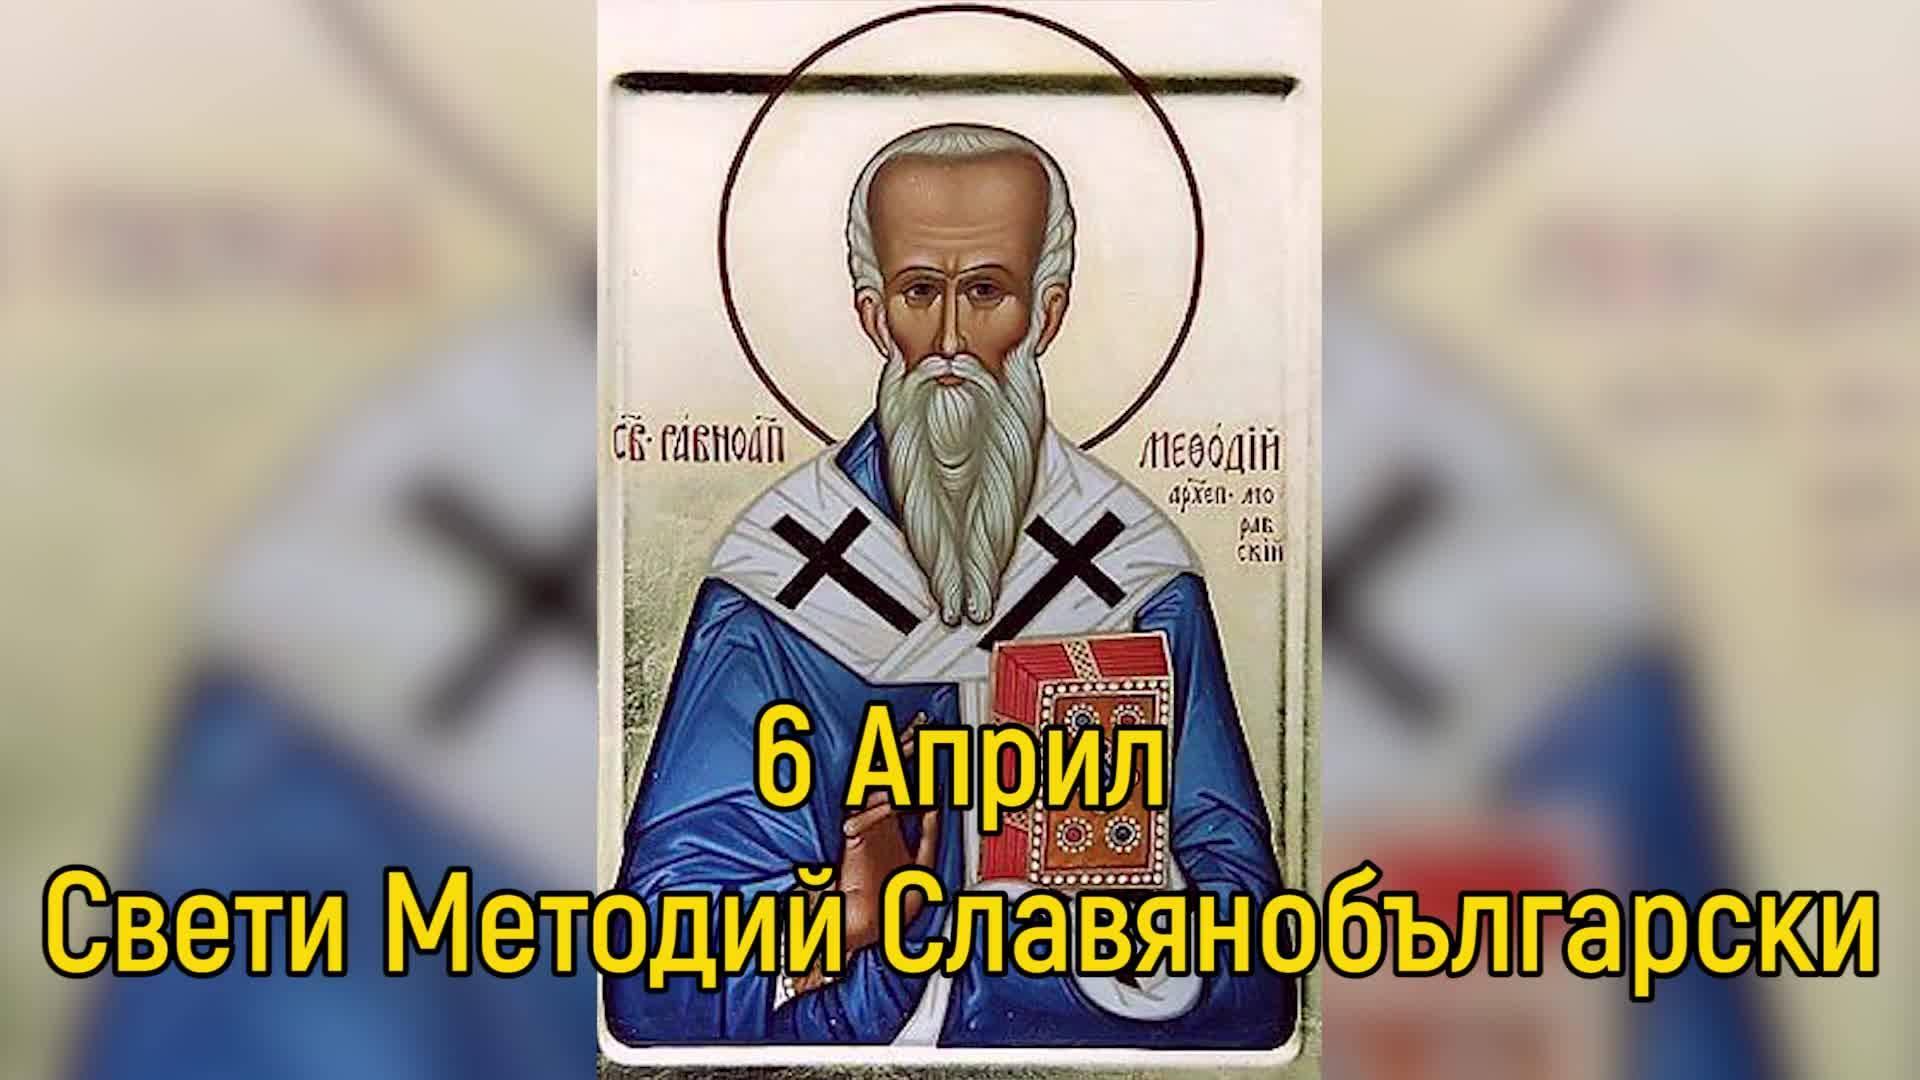 6 Април - Свети Методий Славянобългарски